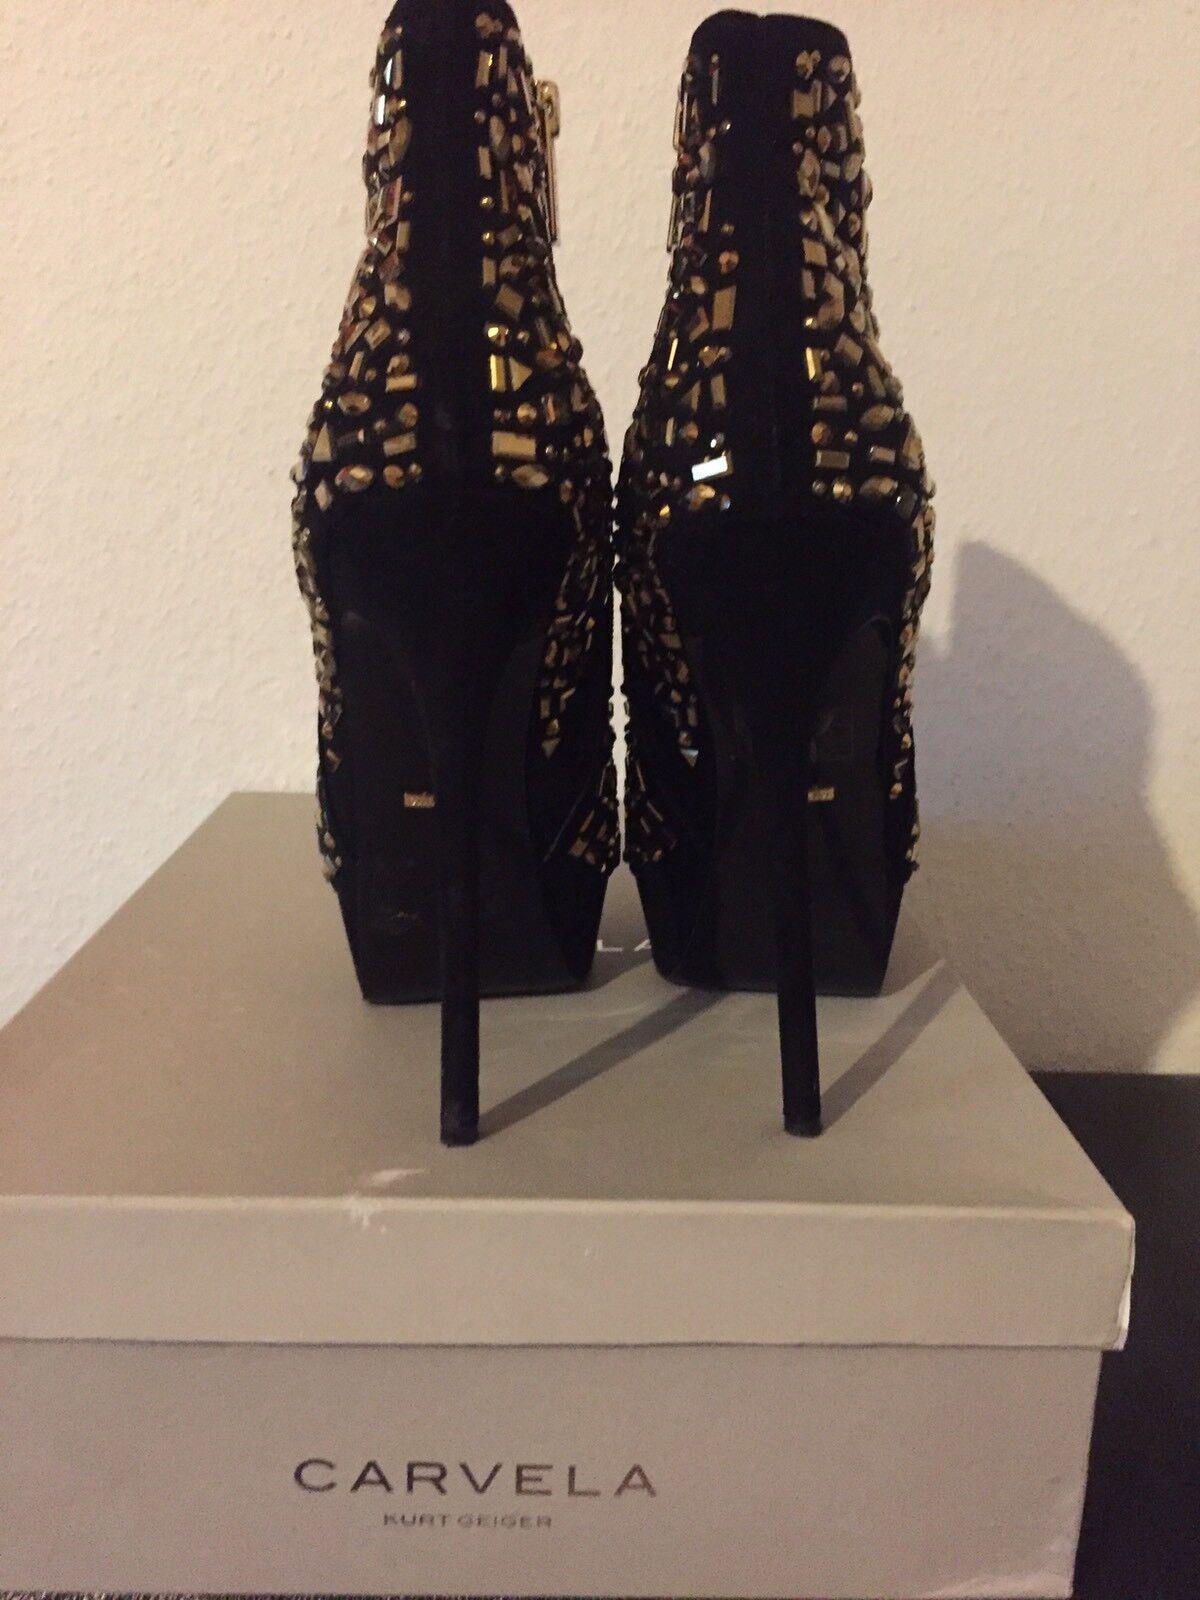 Carvela plataforma botas botas plataforma de gamuza Negro-oro talla 40 075757